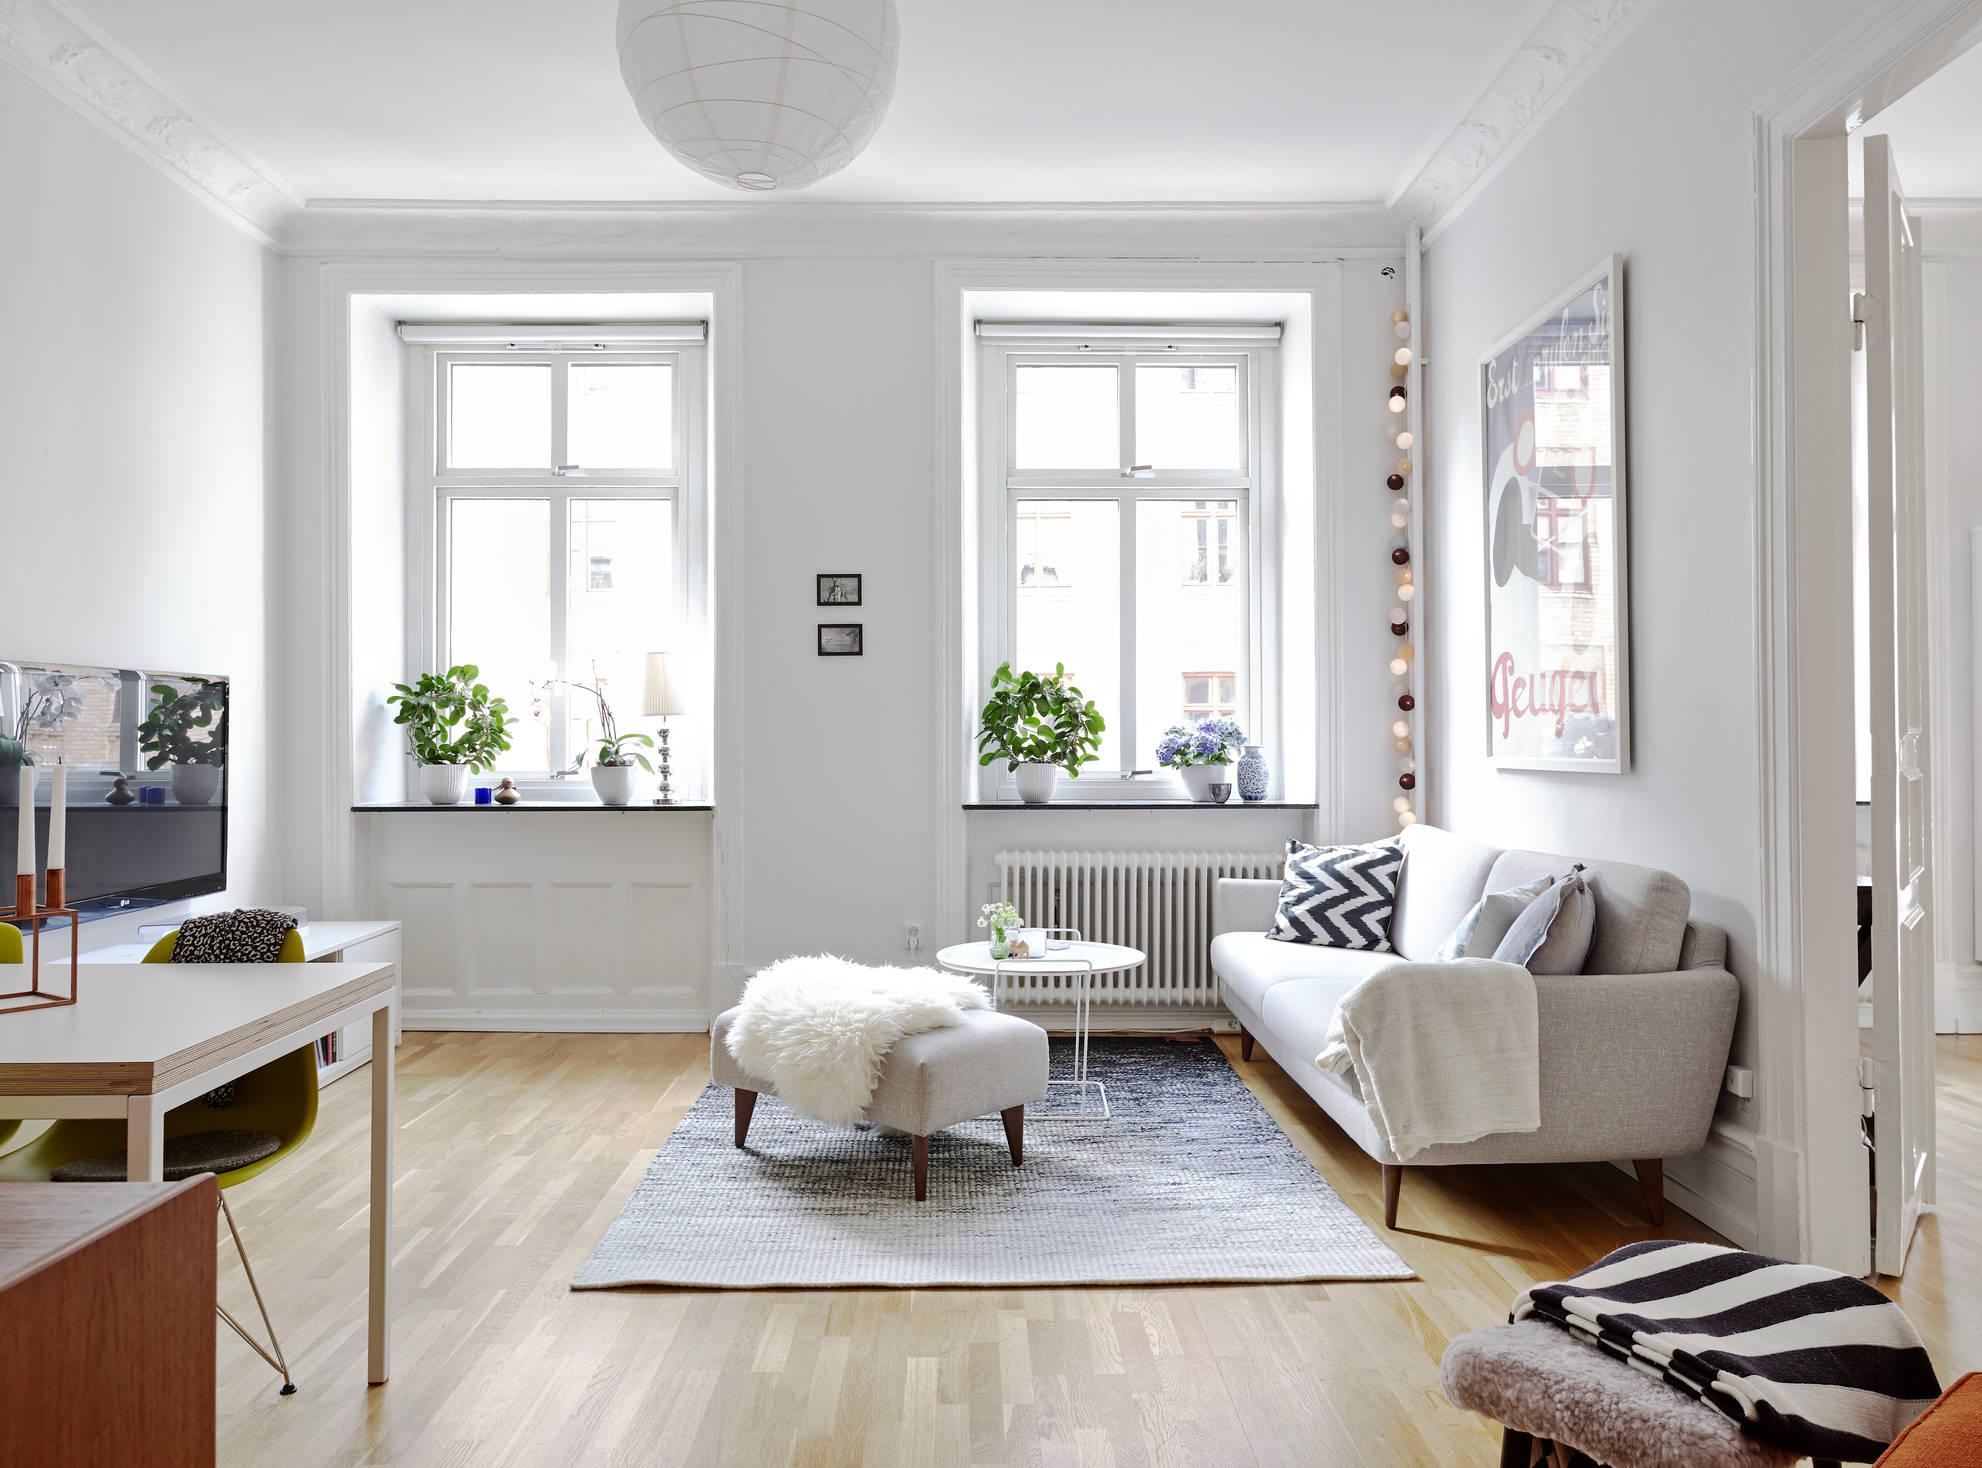 Peque o sal n de aires daneses mid century modern blog for Decoracion de salon comedor pequeno